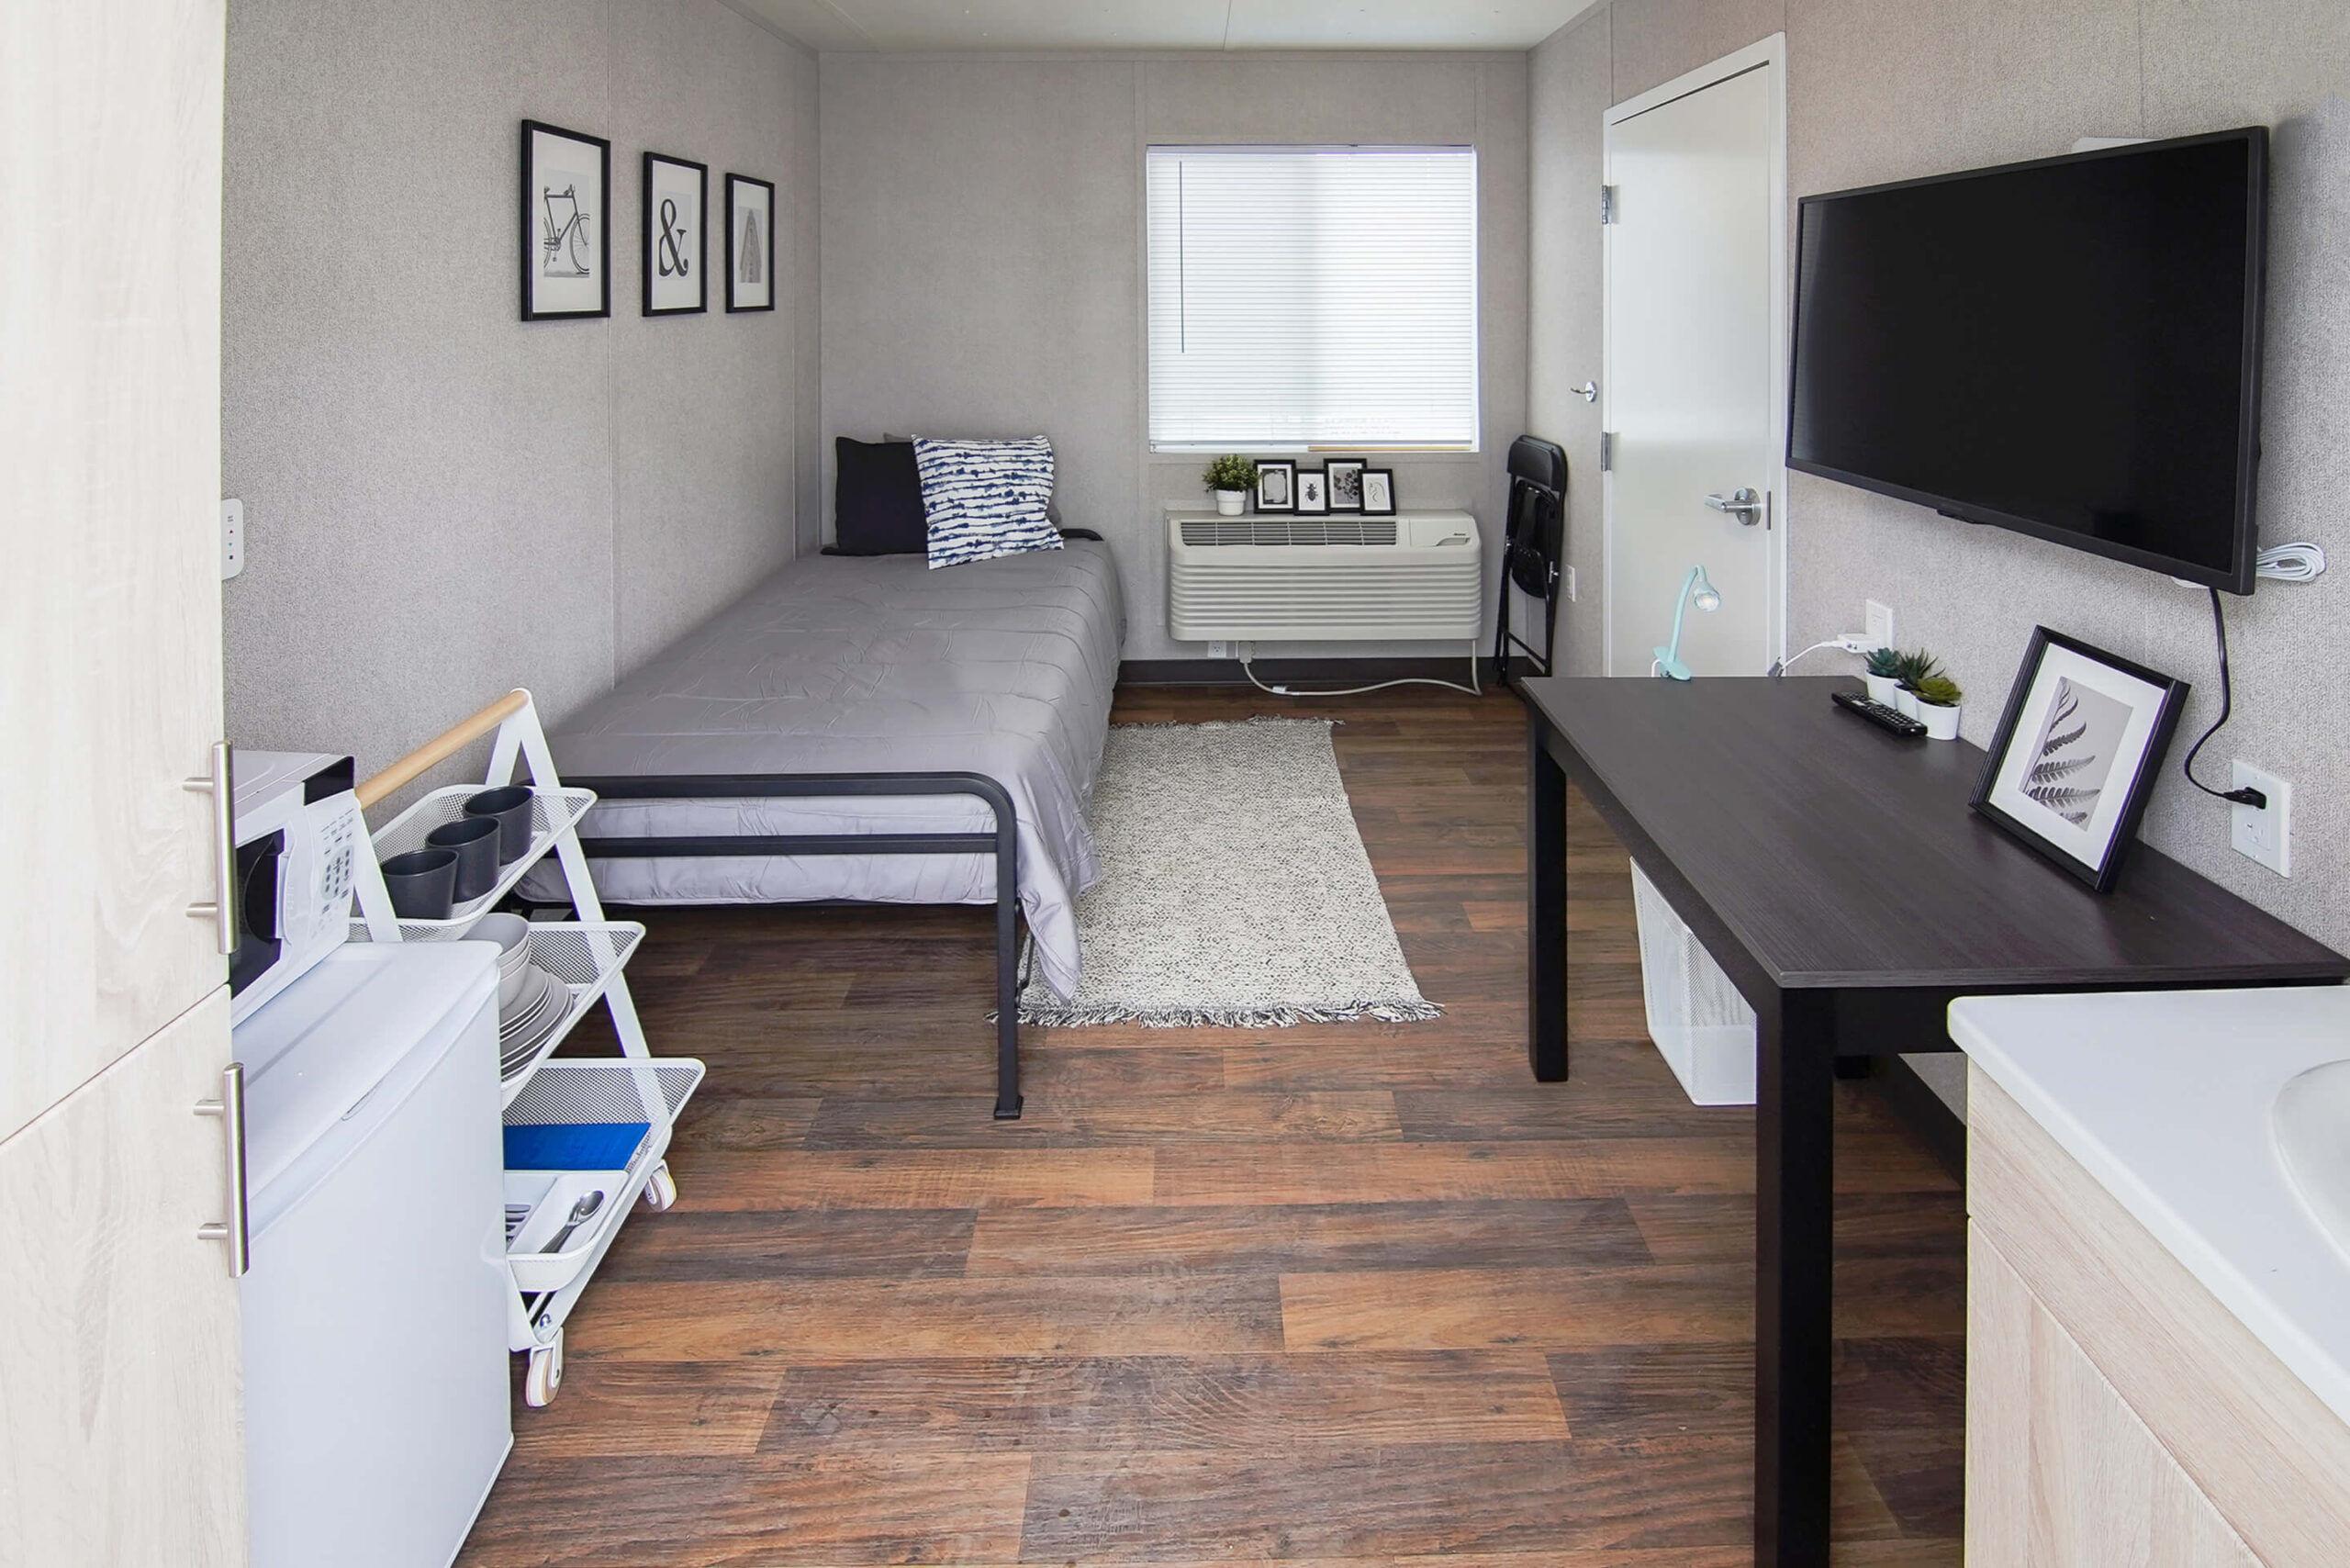 hscfv-nuevo-proyecto-de-viviendas-para-personas-sin-hogar-en-los-angeles-2-alt